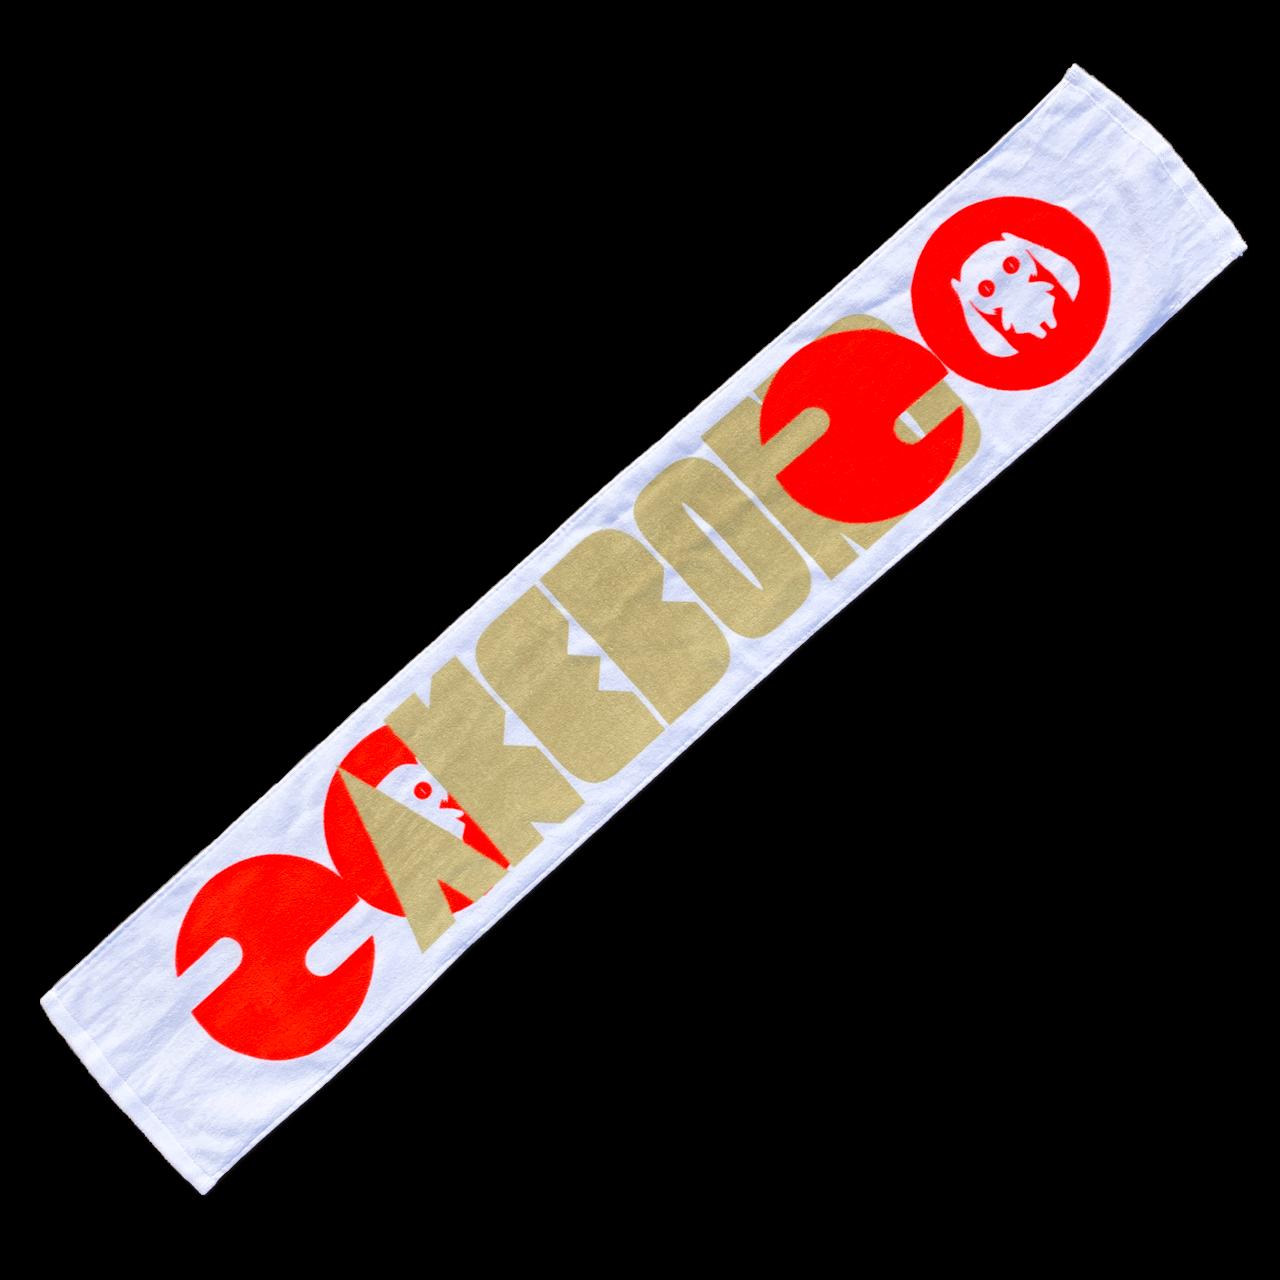 ピノキオピー - AKEBONO マフラータオル - 画像1